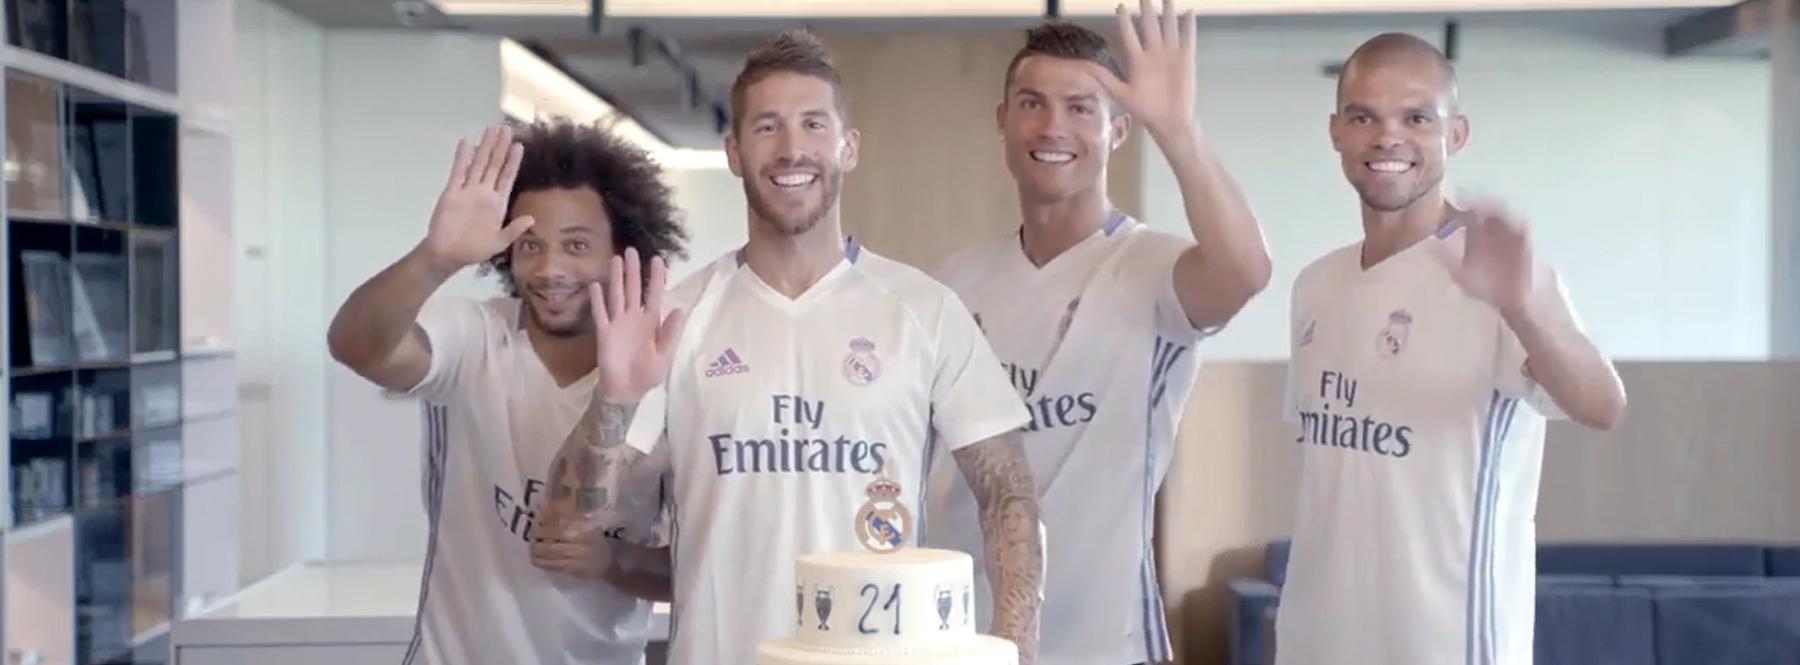 El Real Madrid, Mahou y Santalucía envían vídeos personalizados a sus clientes